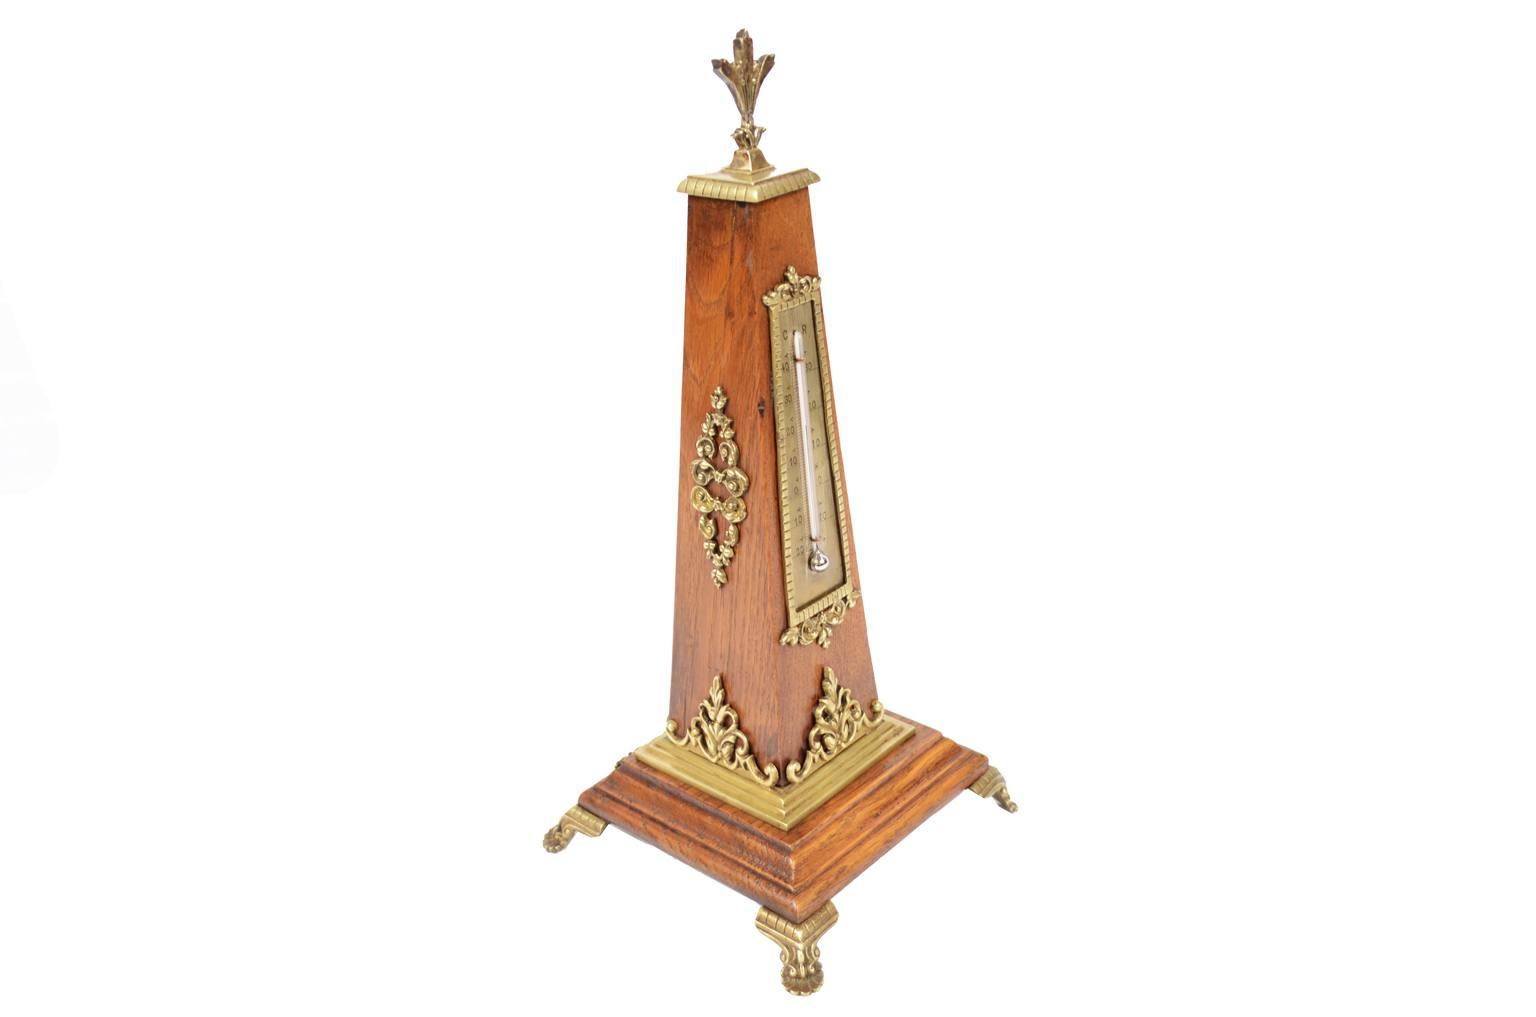 Barometri antichi/6191-Termometro da tavolo